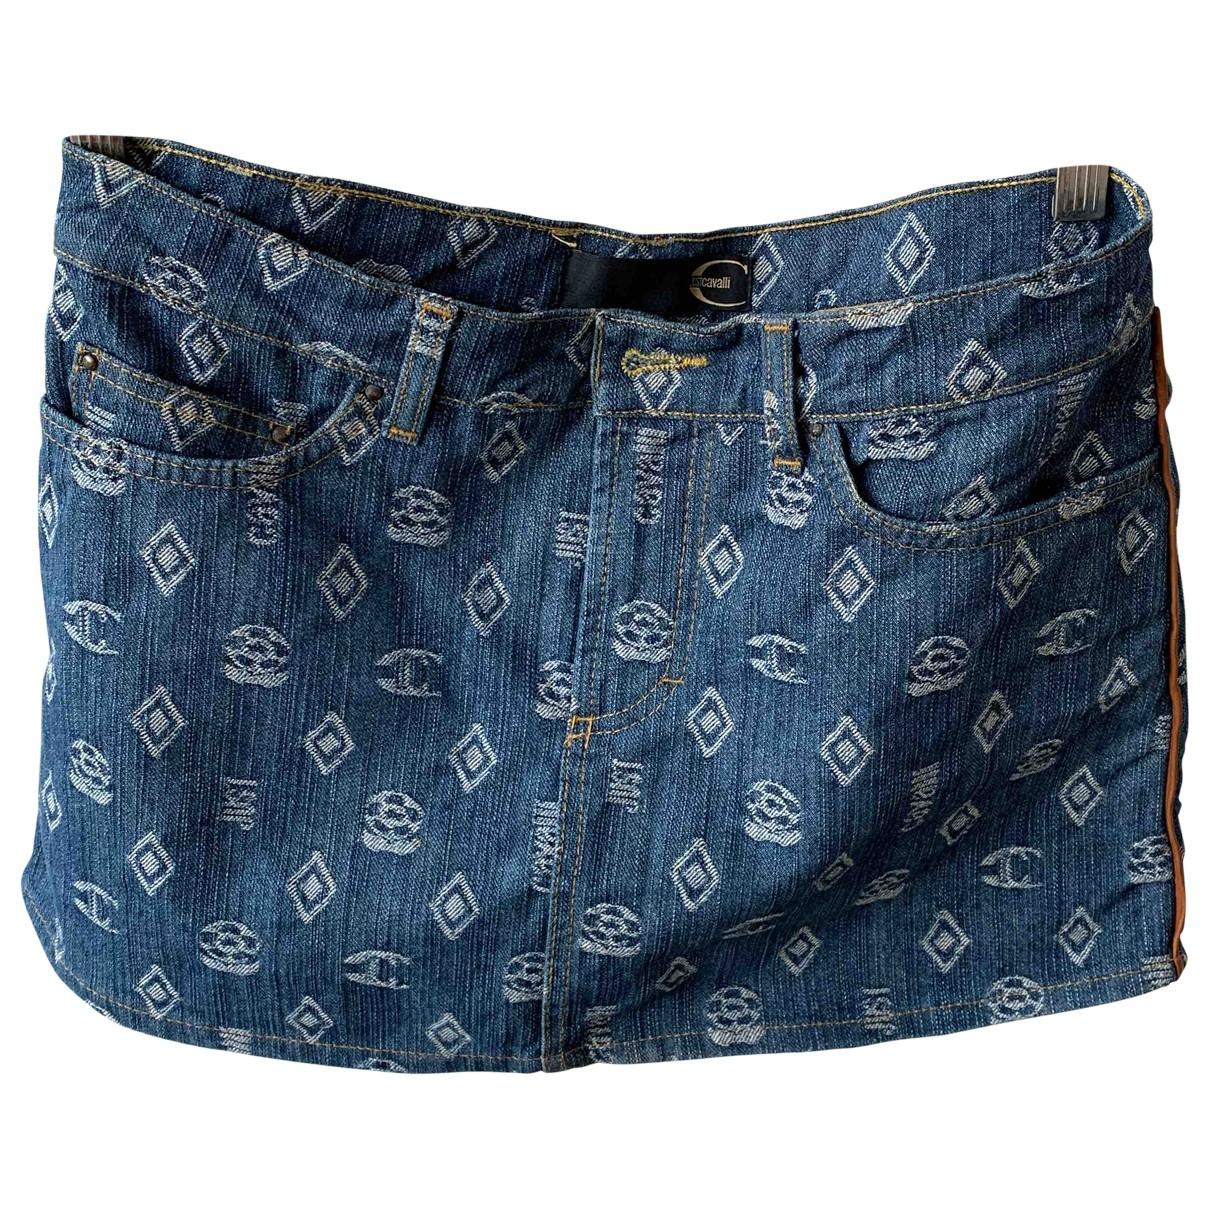 Just Cavalli \N Blue Denim - Jeans skirt for Women 40 IT